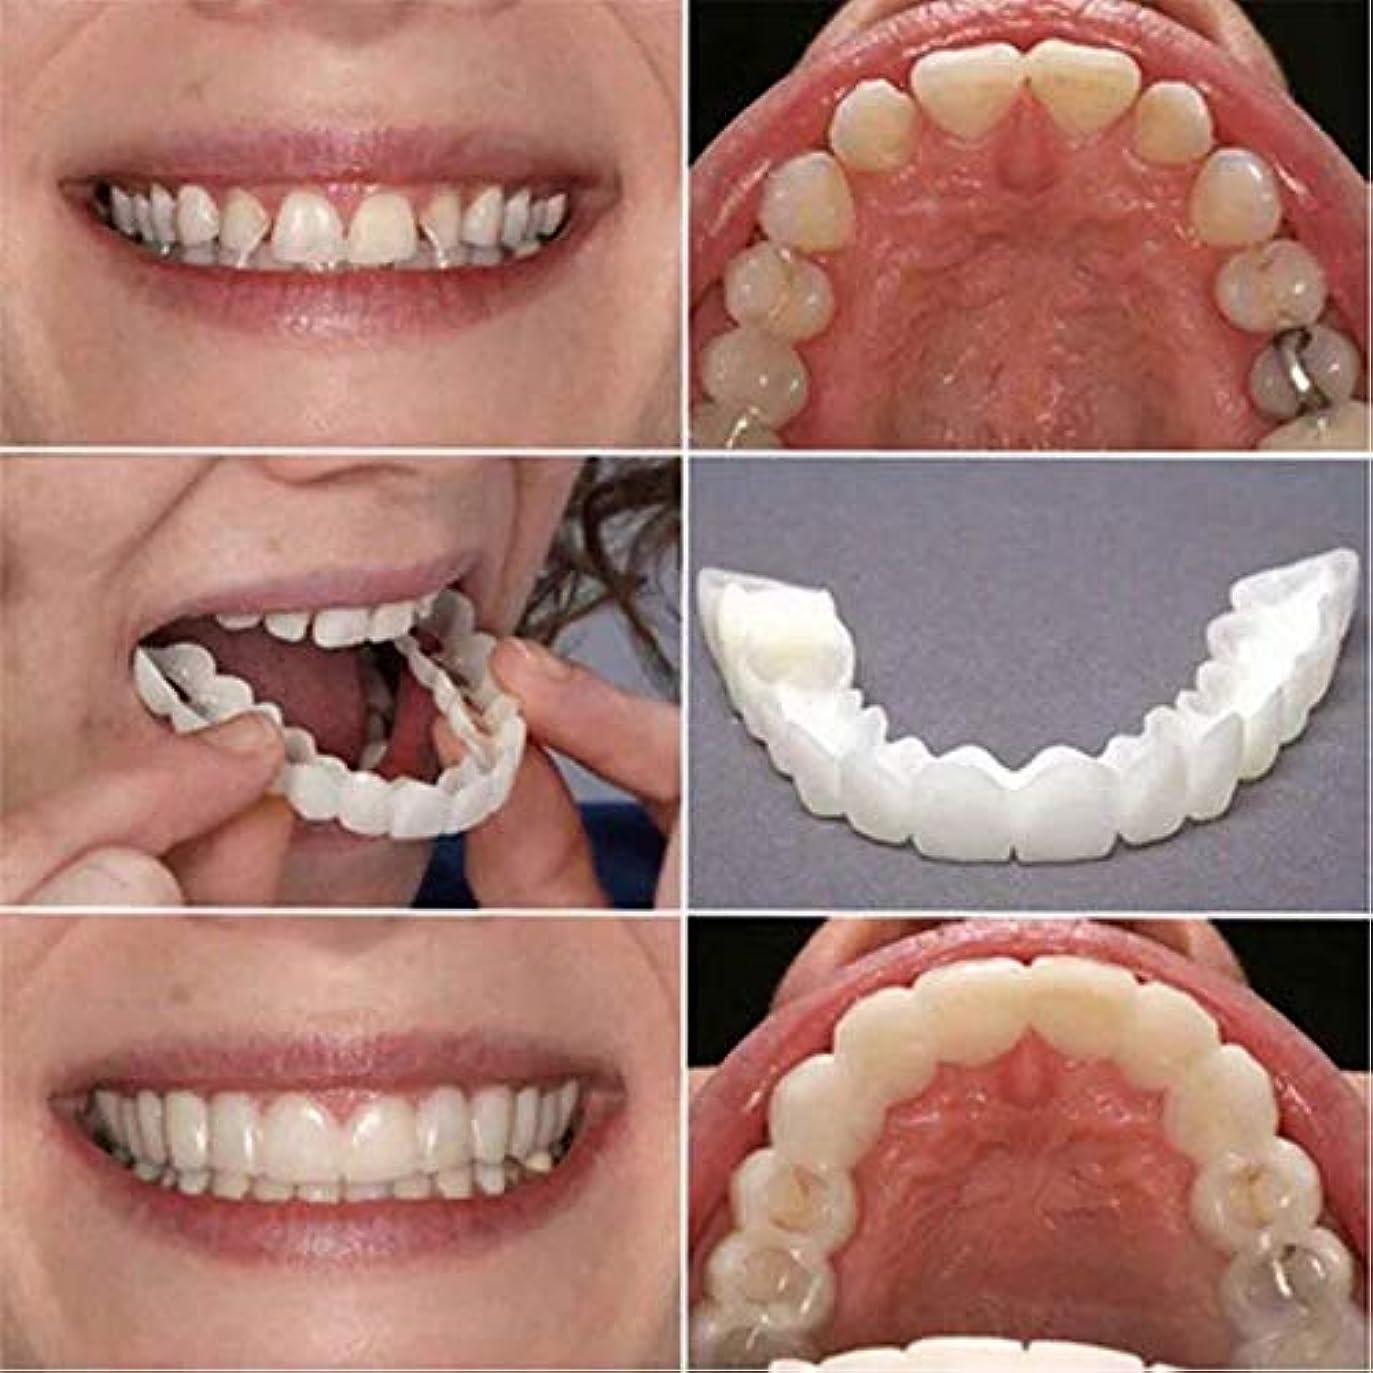 アナリスト無謀定義2個の歯ピースフィッティング快適なフィット歯のソケット義歯口腔用品矯正アクセティース 笑顔を保つ